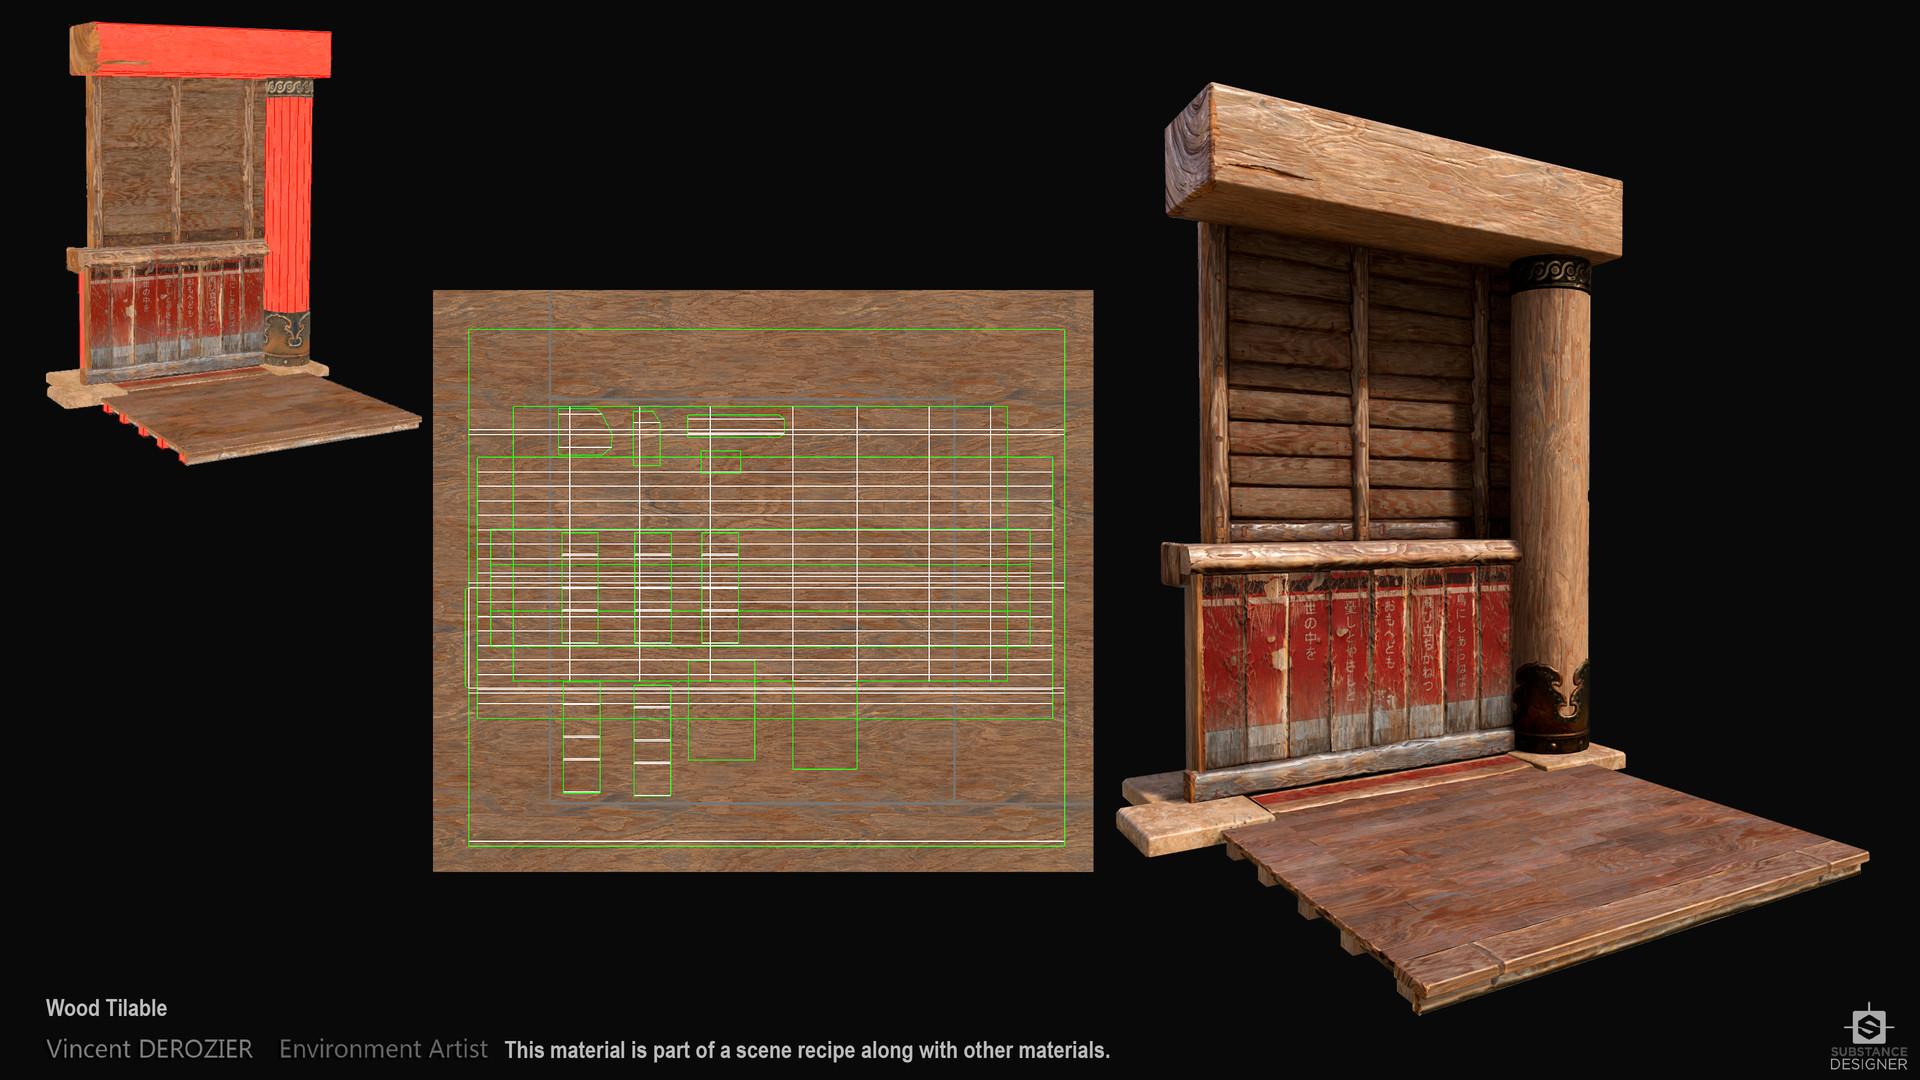 Vincent derozier wood tilable render2